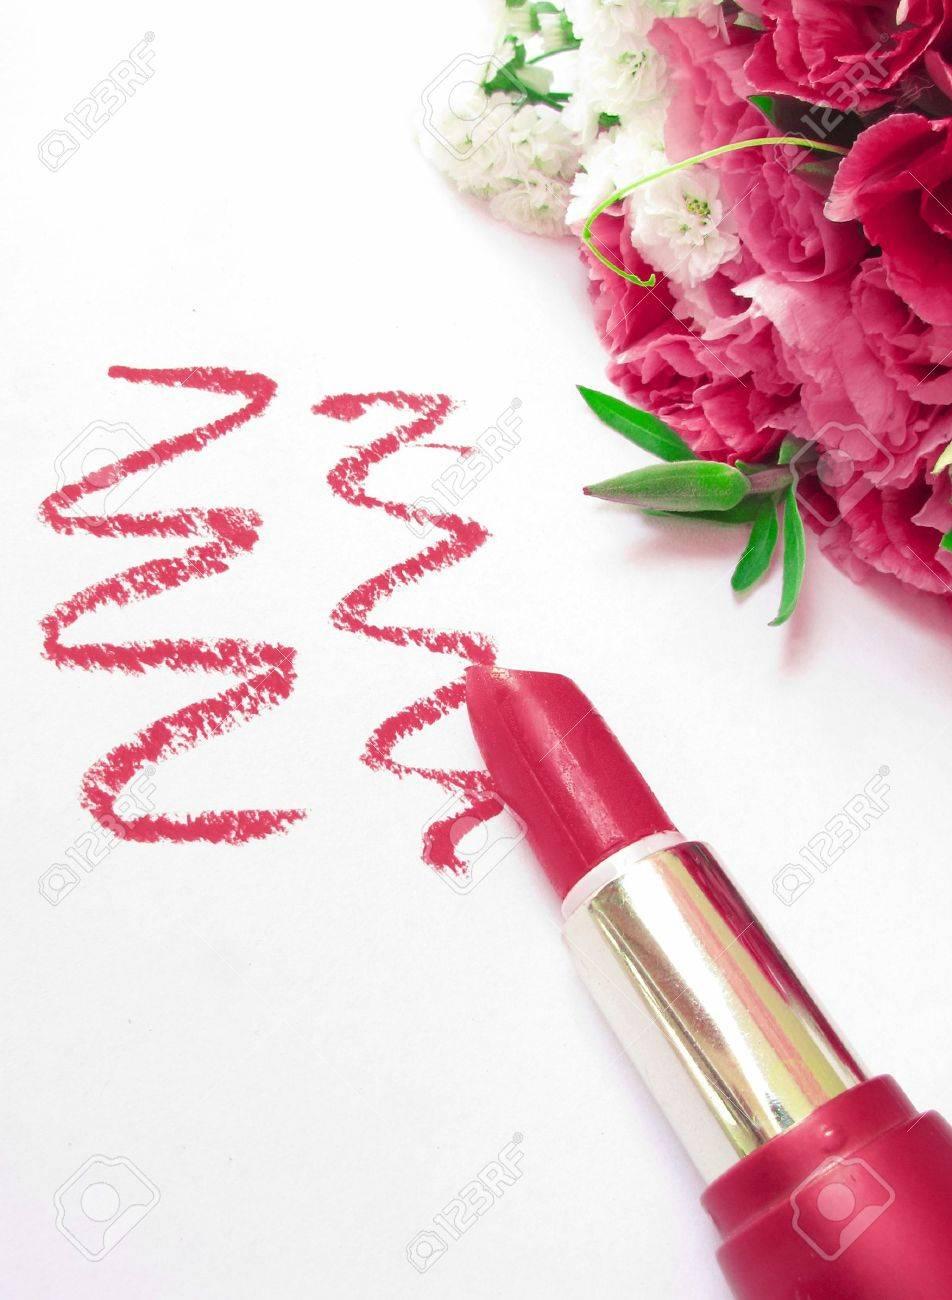 glamor shiny lipstick isolated on white background and flowers Stock Photo - 9710626